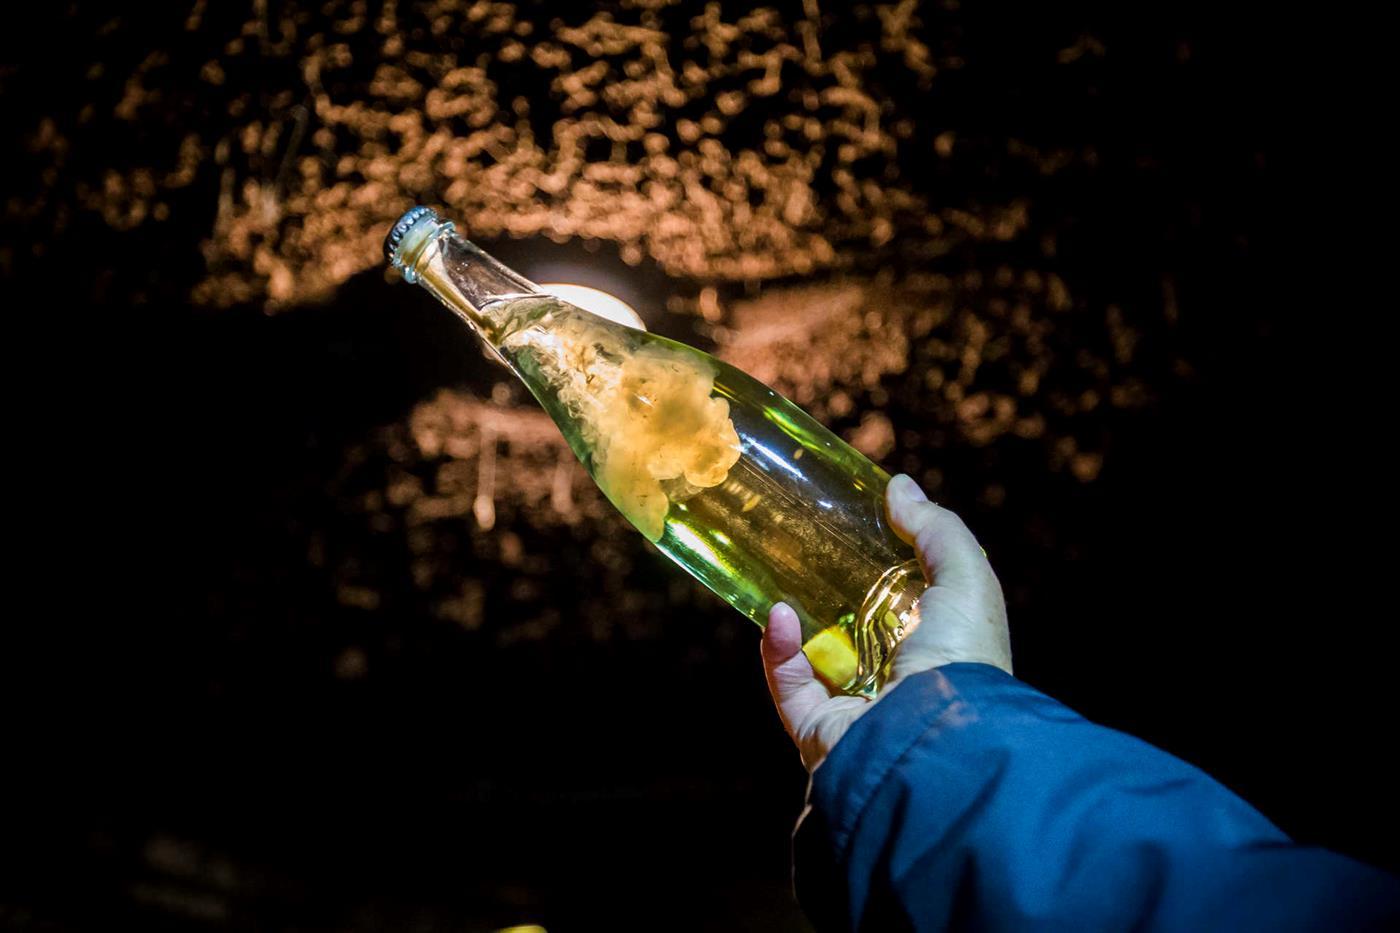 Remuage nas Caves Raposeira, os maiores produtores de vinho espumante nacional.